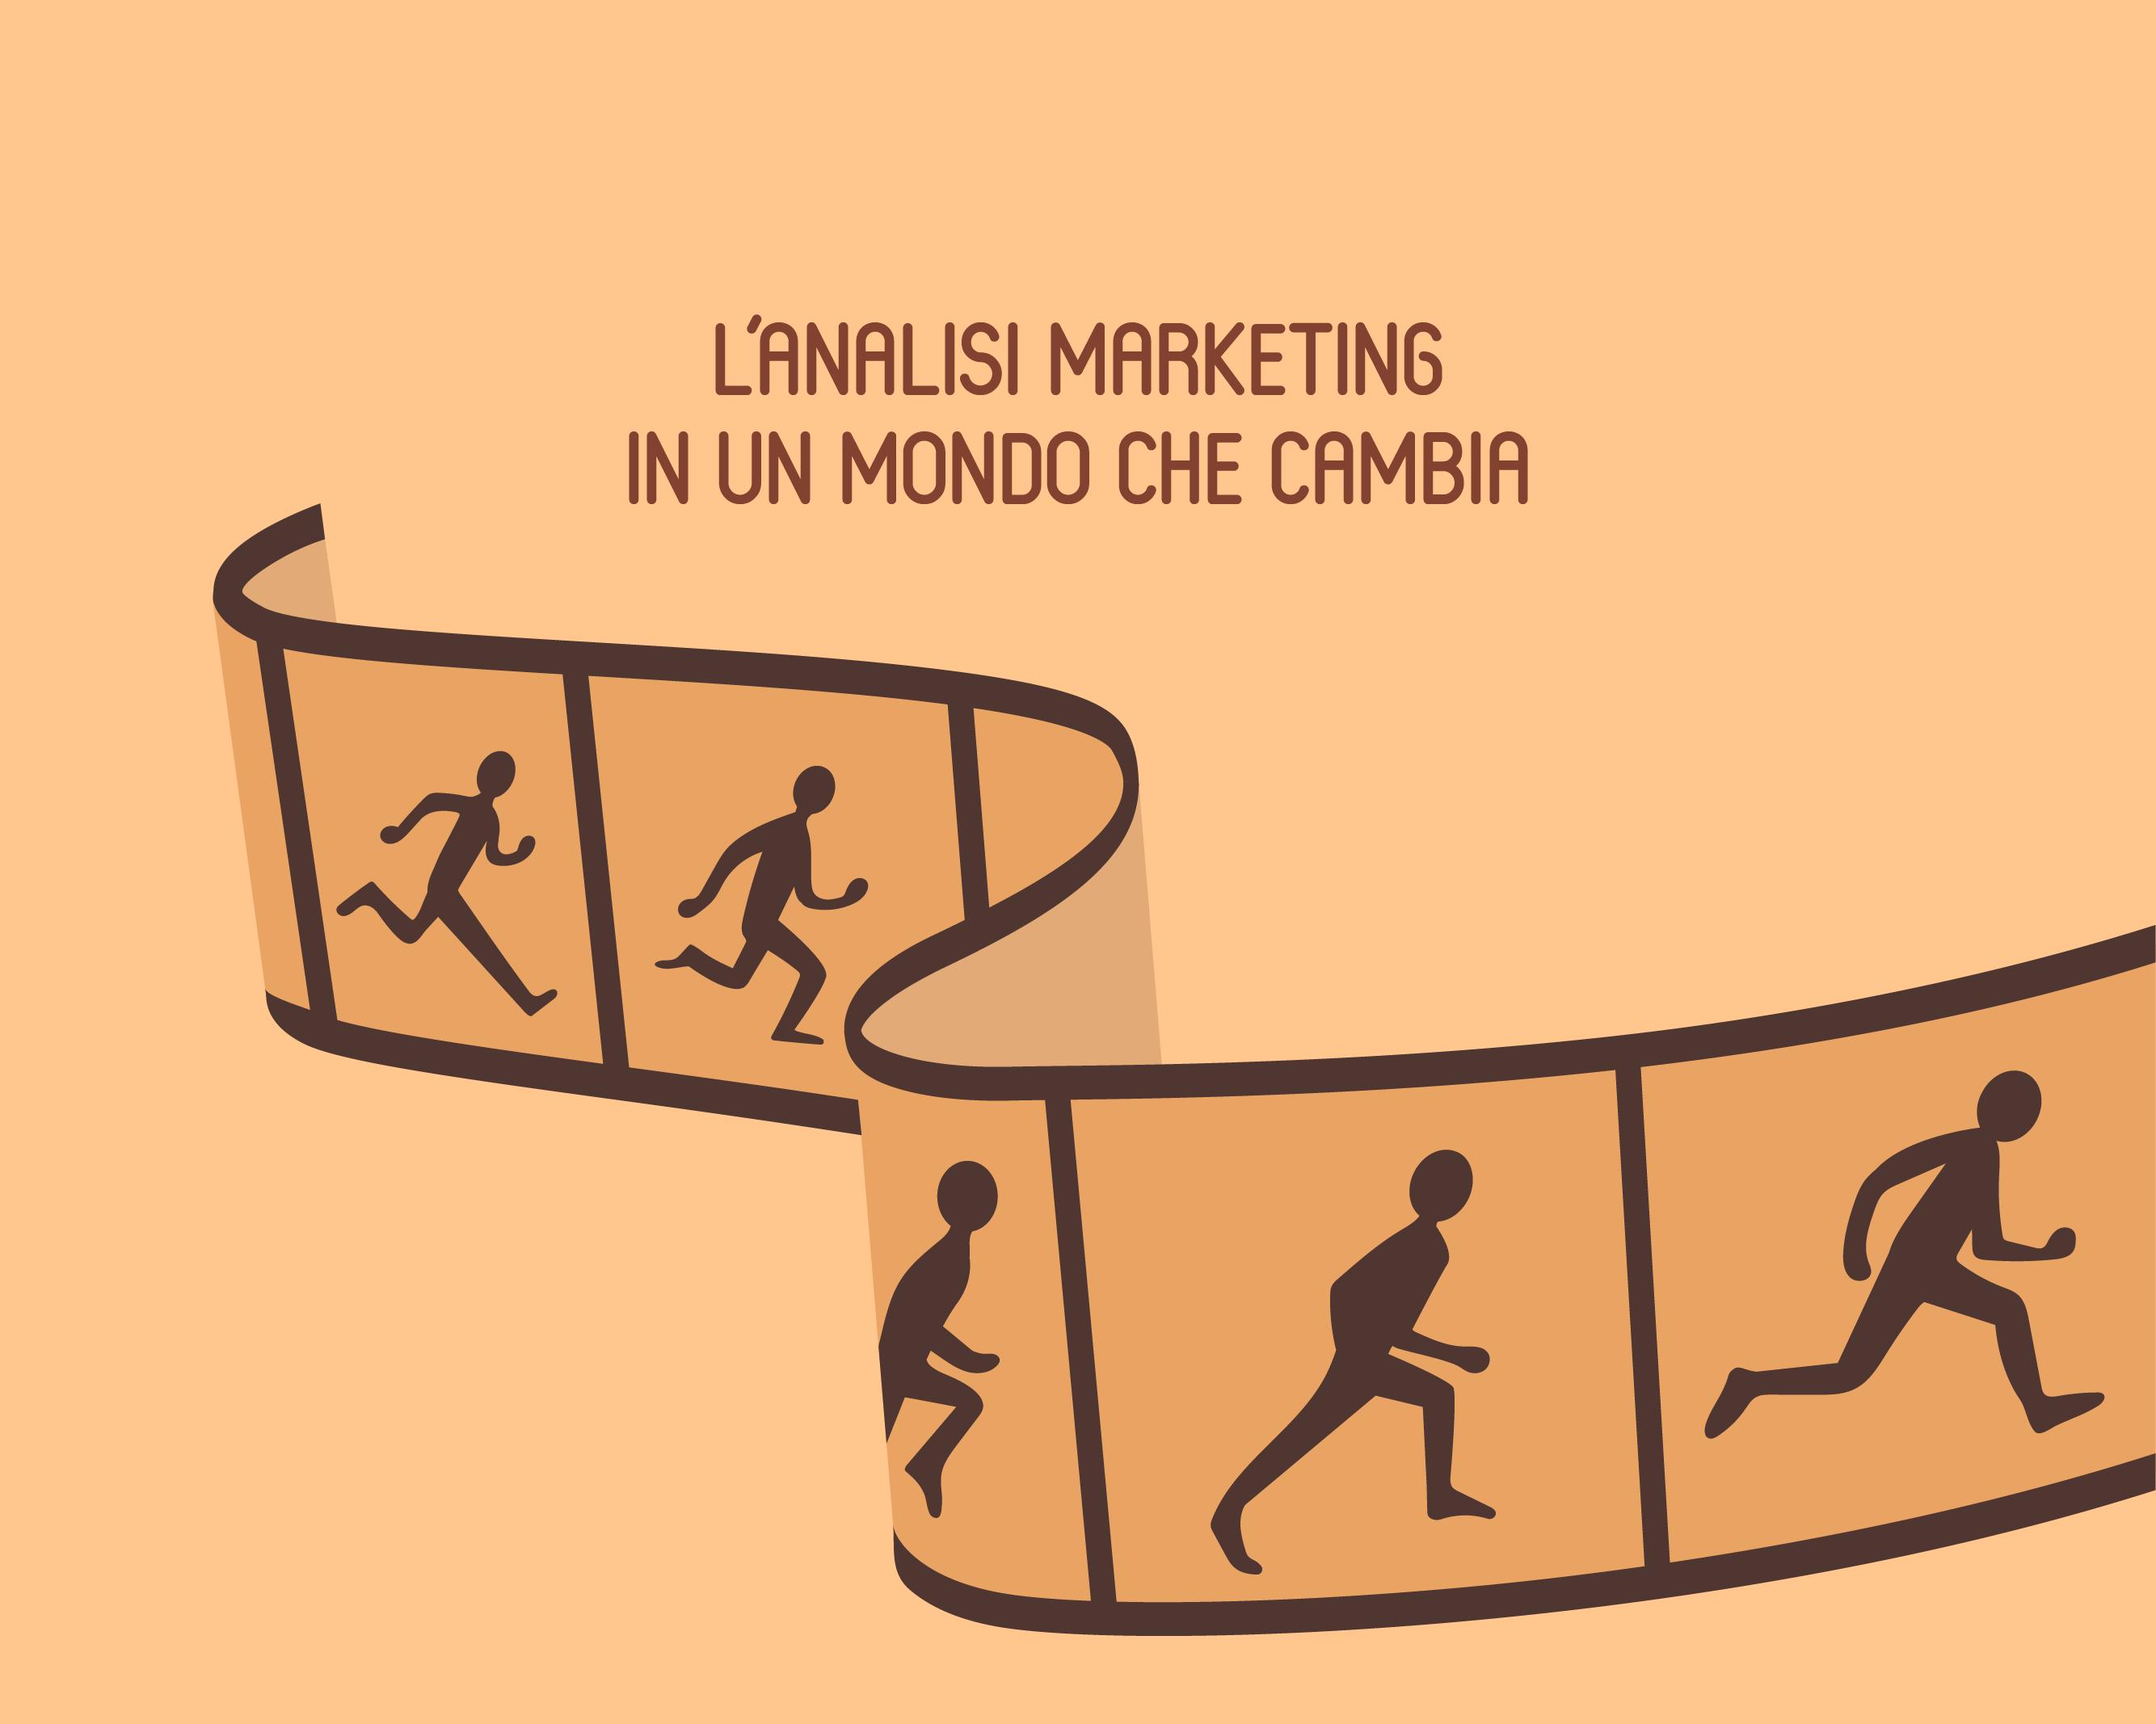 L'analisi marketing in un mondo che cambia